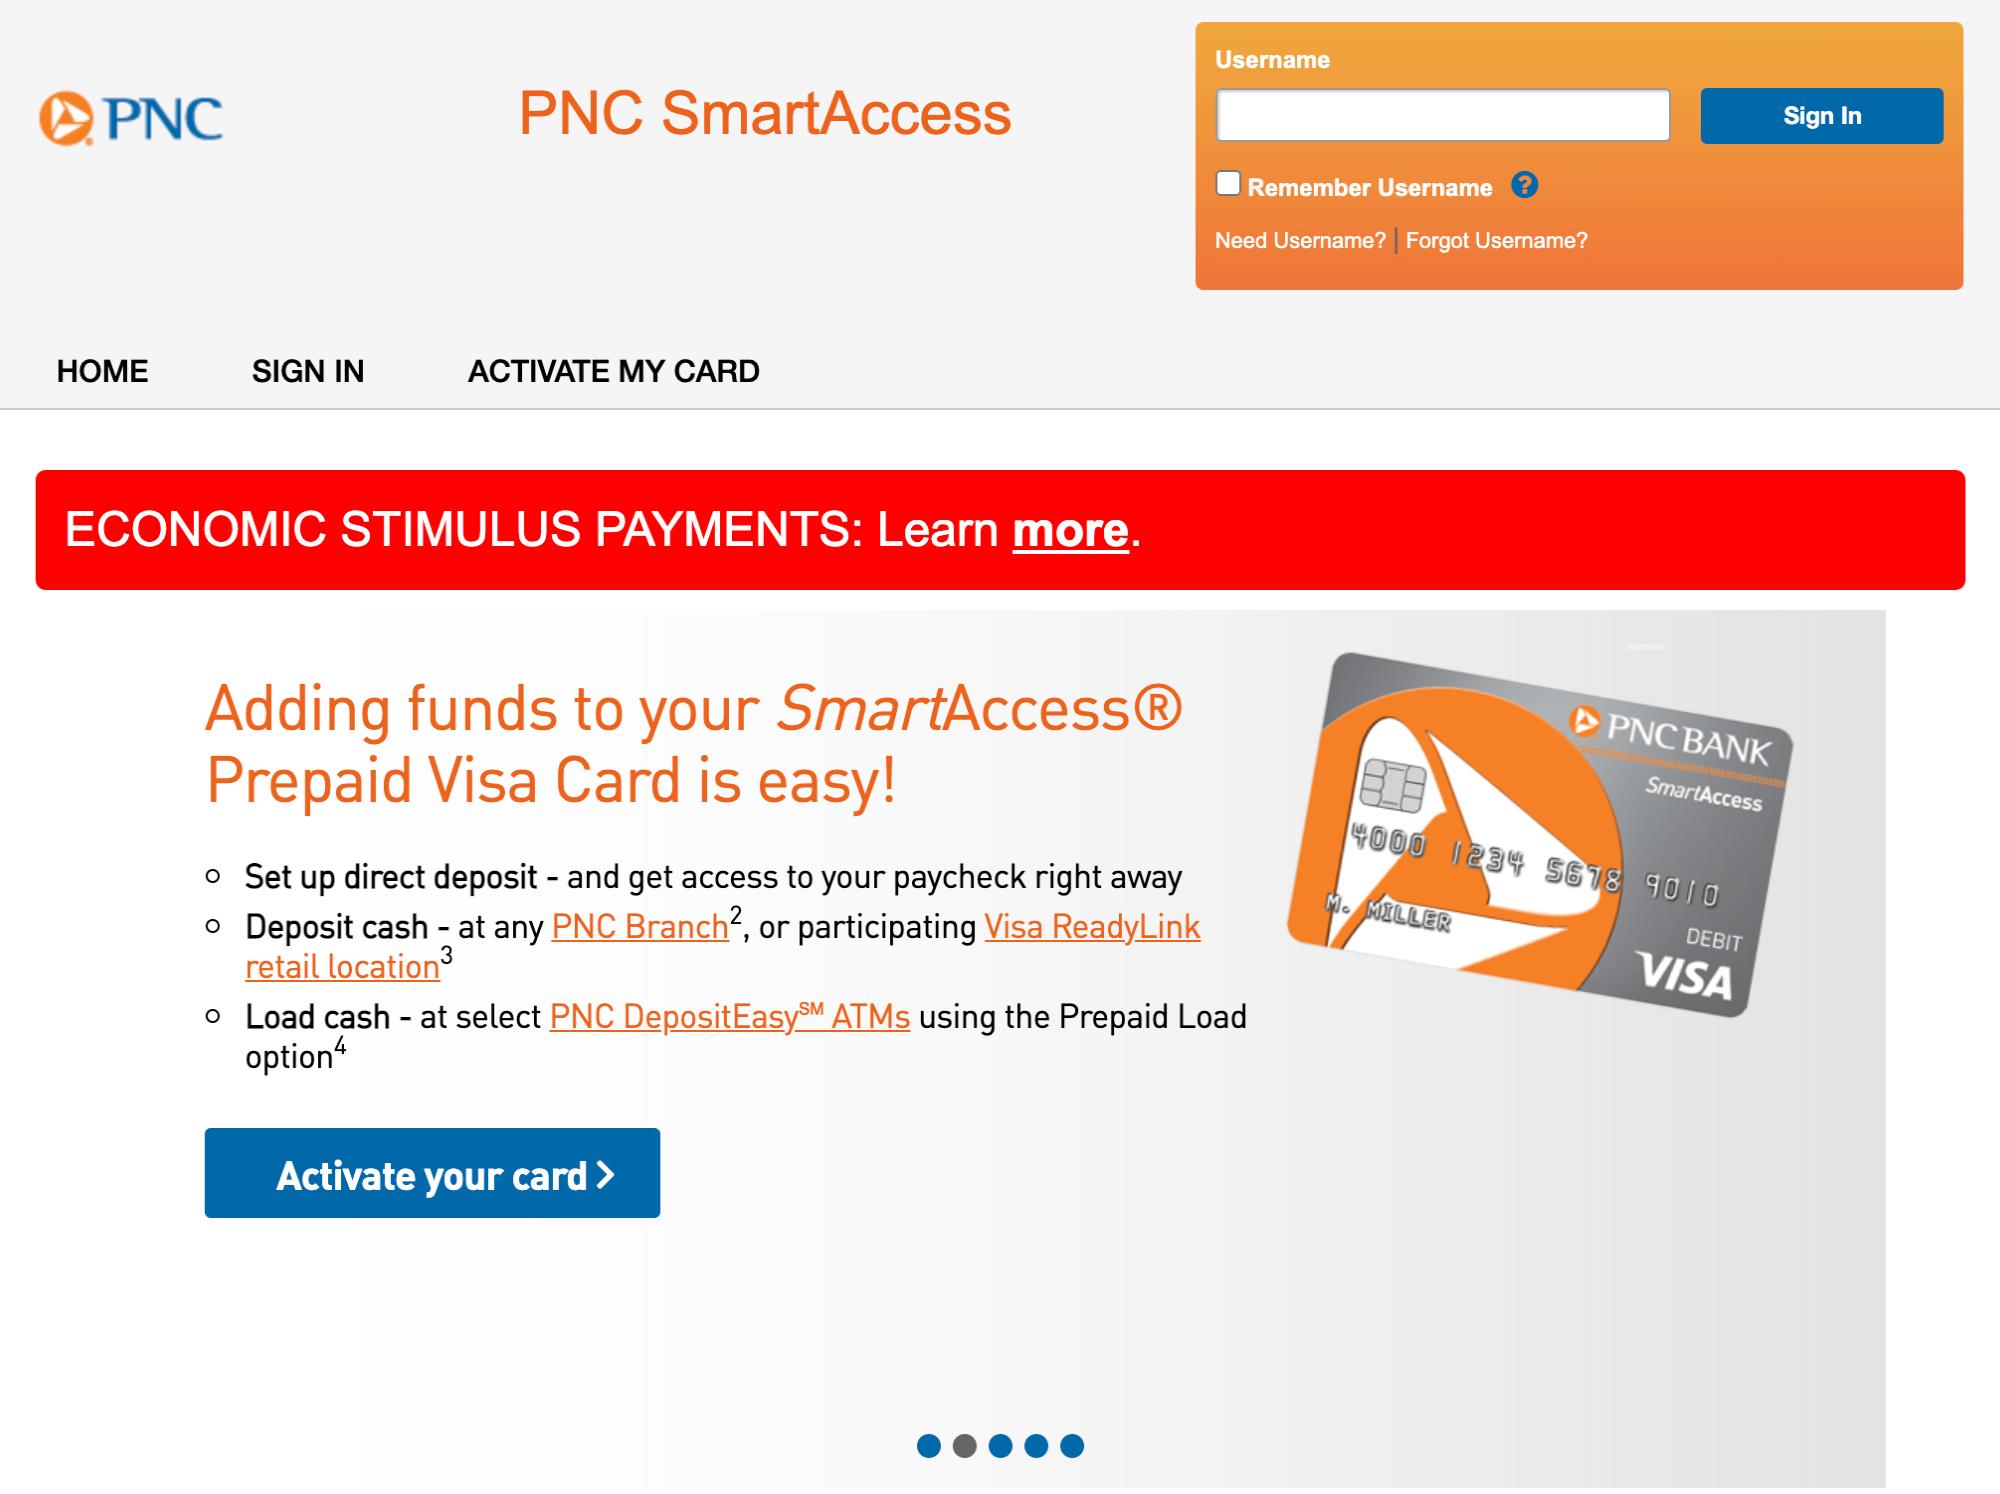 PNC SmartAccess